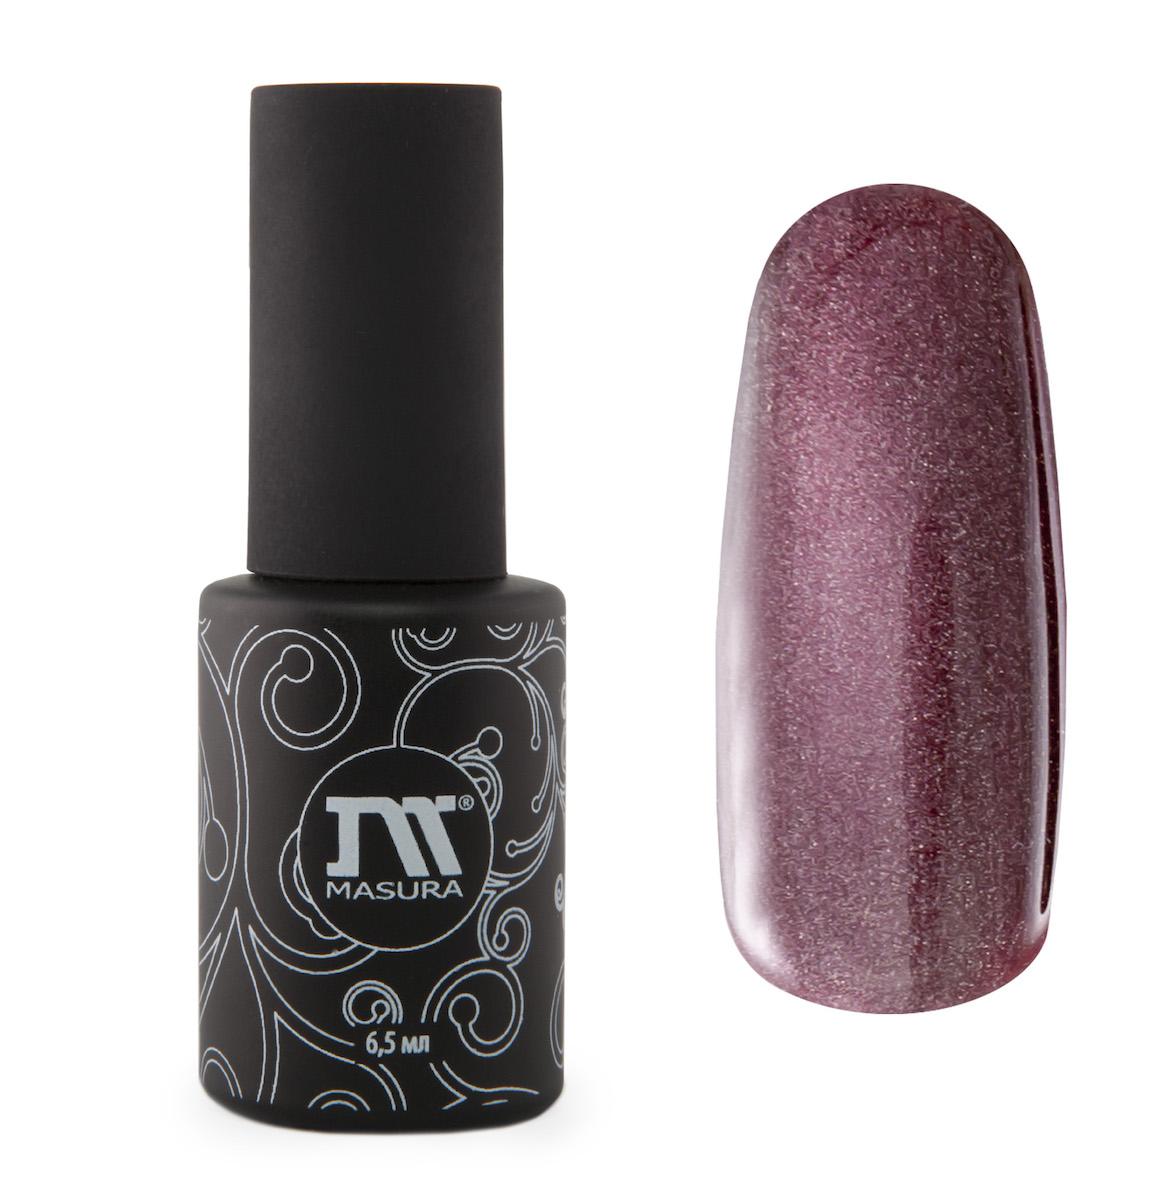 Masura Гель-лак ганаты Миледи, 6,5 мл28032022пурпурно-малиновый, с зеркальным переливом, плотный